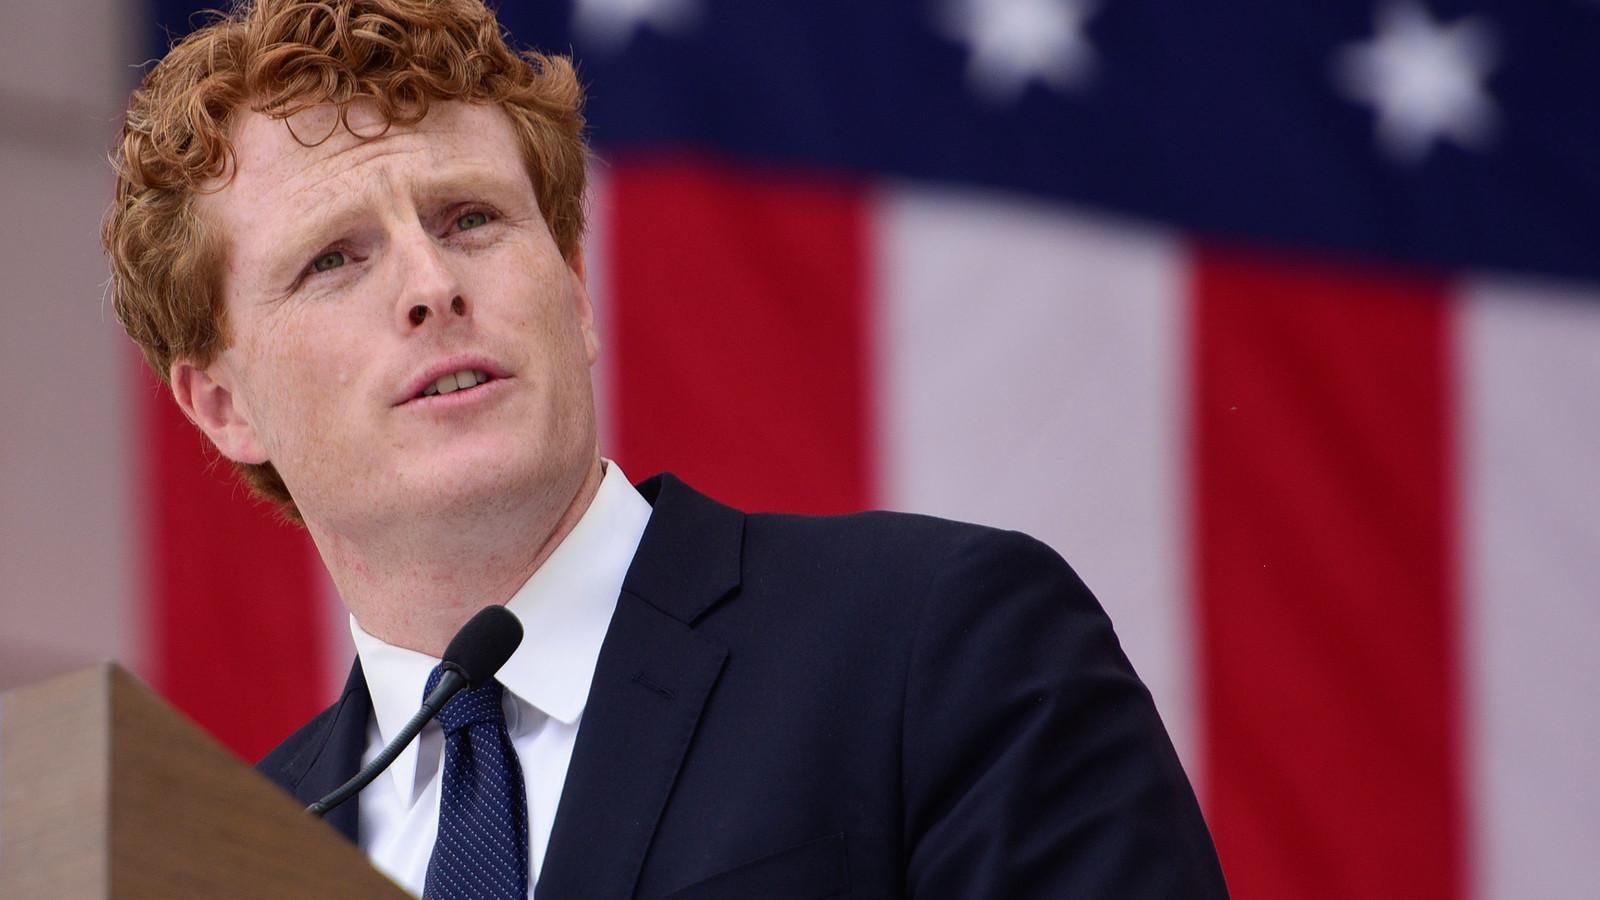 Joe Kennedy III is de nieuwe gedroomde kandidaat voor het Amerikaanse presidentschap.